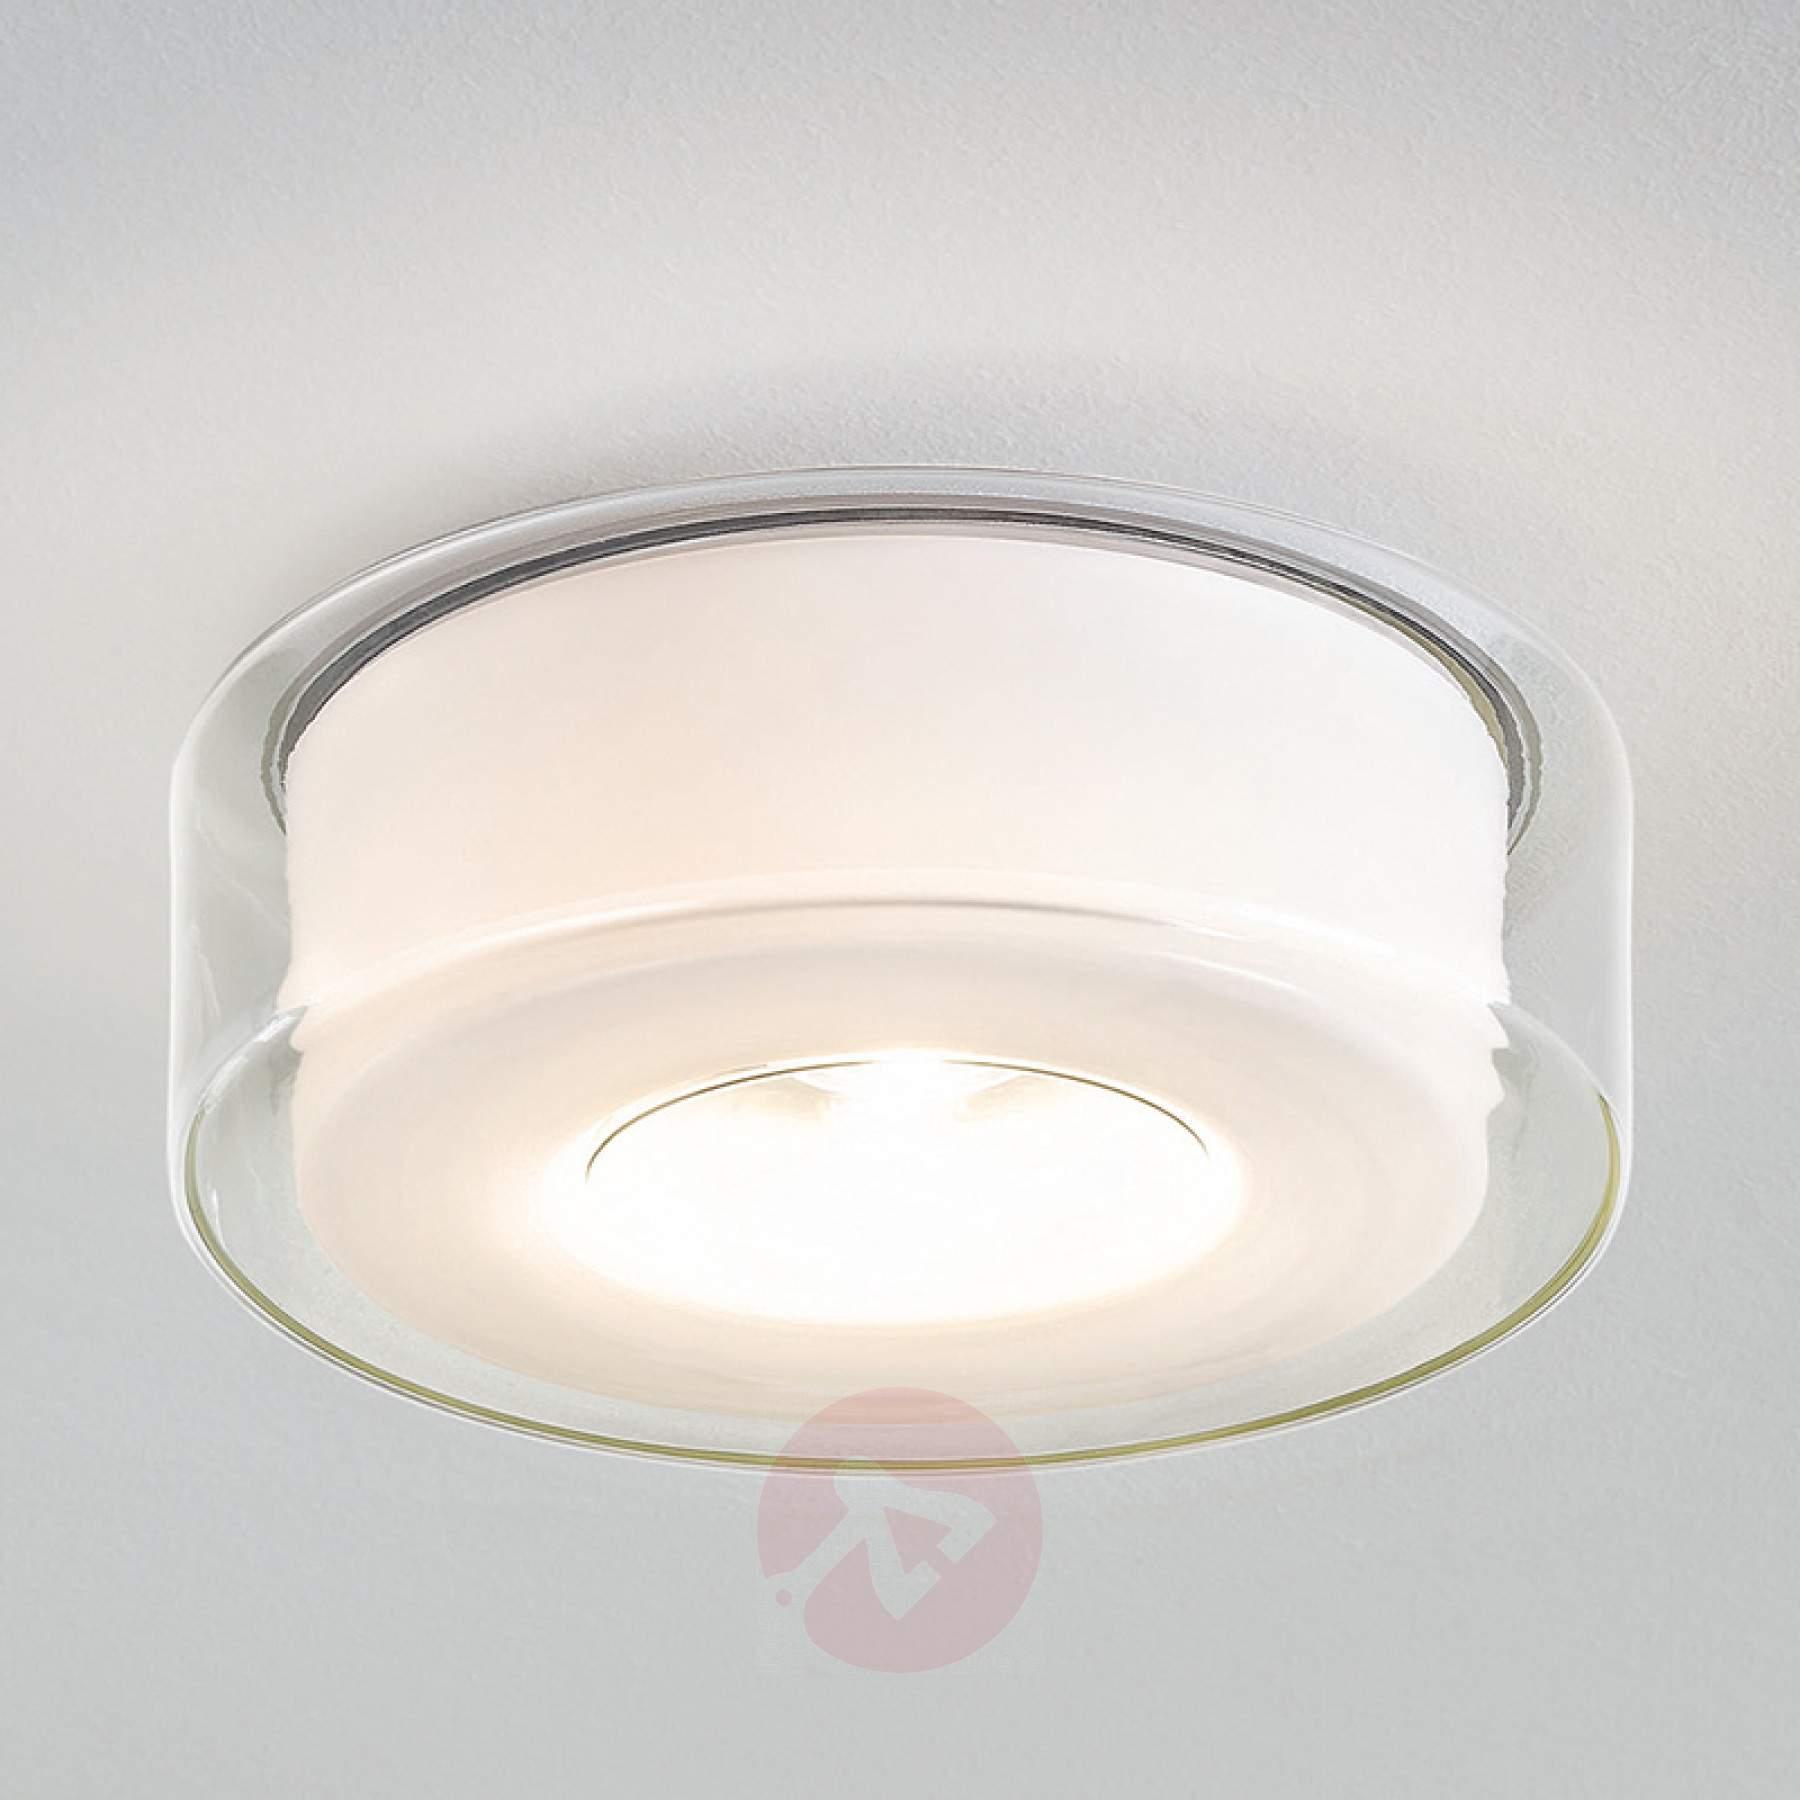 Full Size of Küchen Deckenlampe Serienlighting Curling Glas Led Kaufen Lampenweltde Deckenlampen Wohnzimmer Schlafzimmer Modern Regal Küche Bad Esstisch Für Wohnzimmer Küchen Deckenlampe